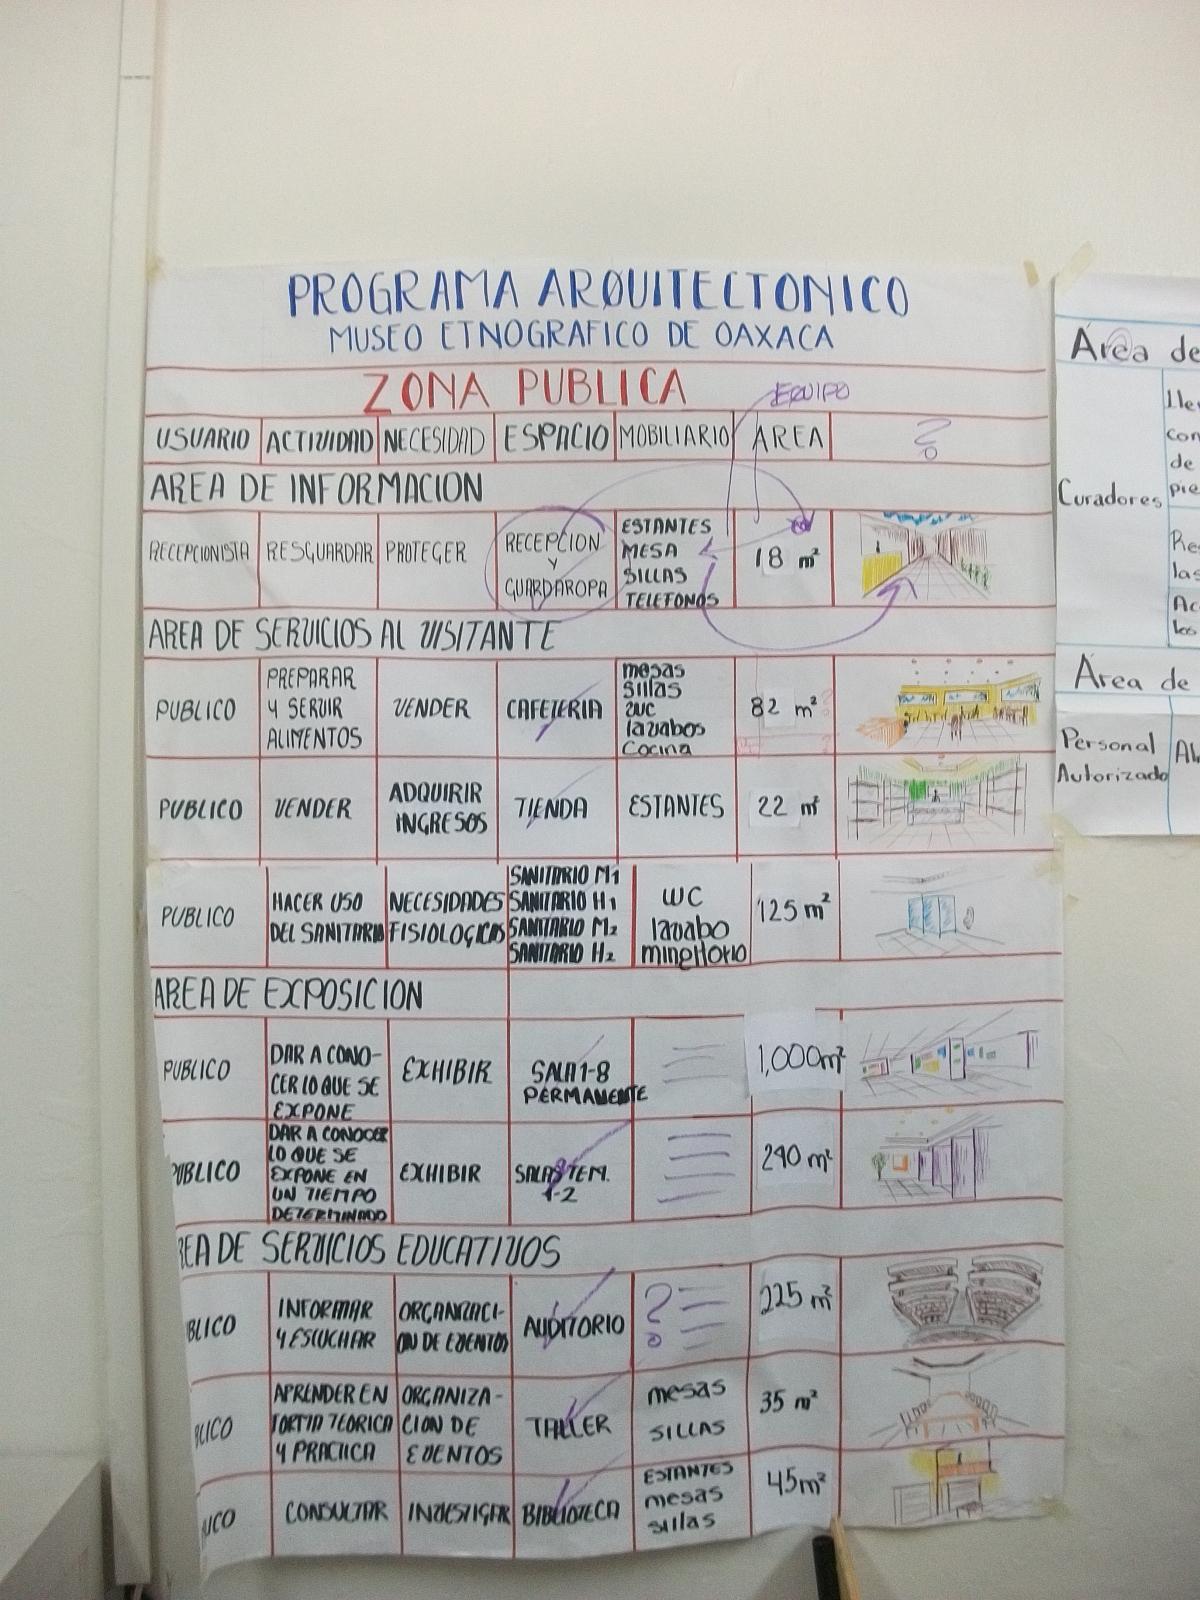 Proceso arquitectonico de un museo etnografico 2 for Biblioteca programa arquitectonico